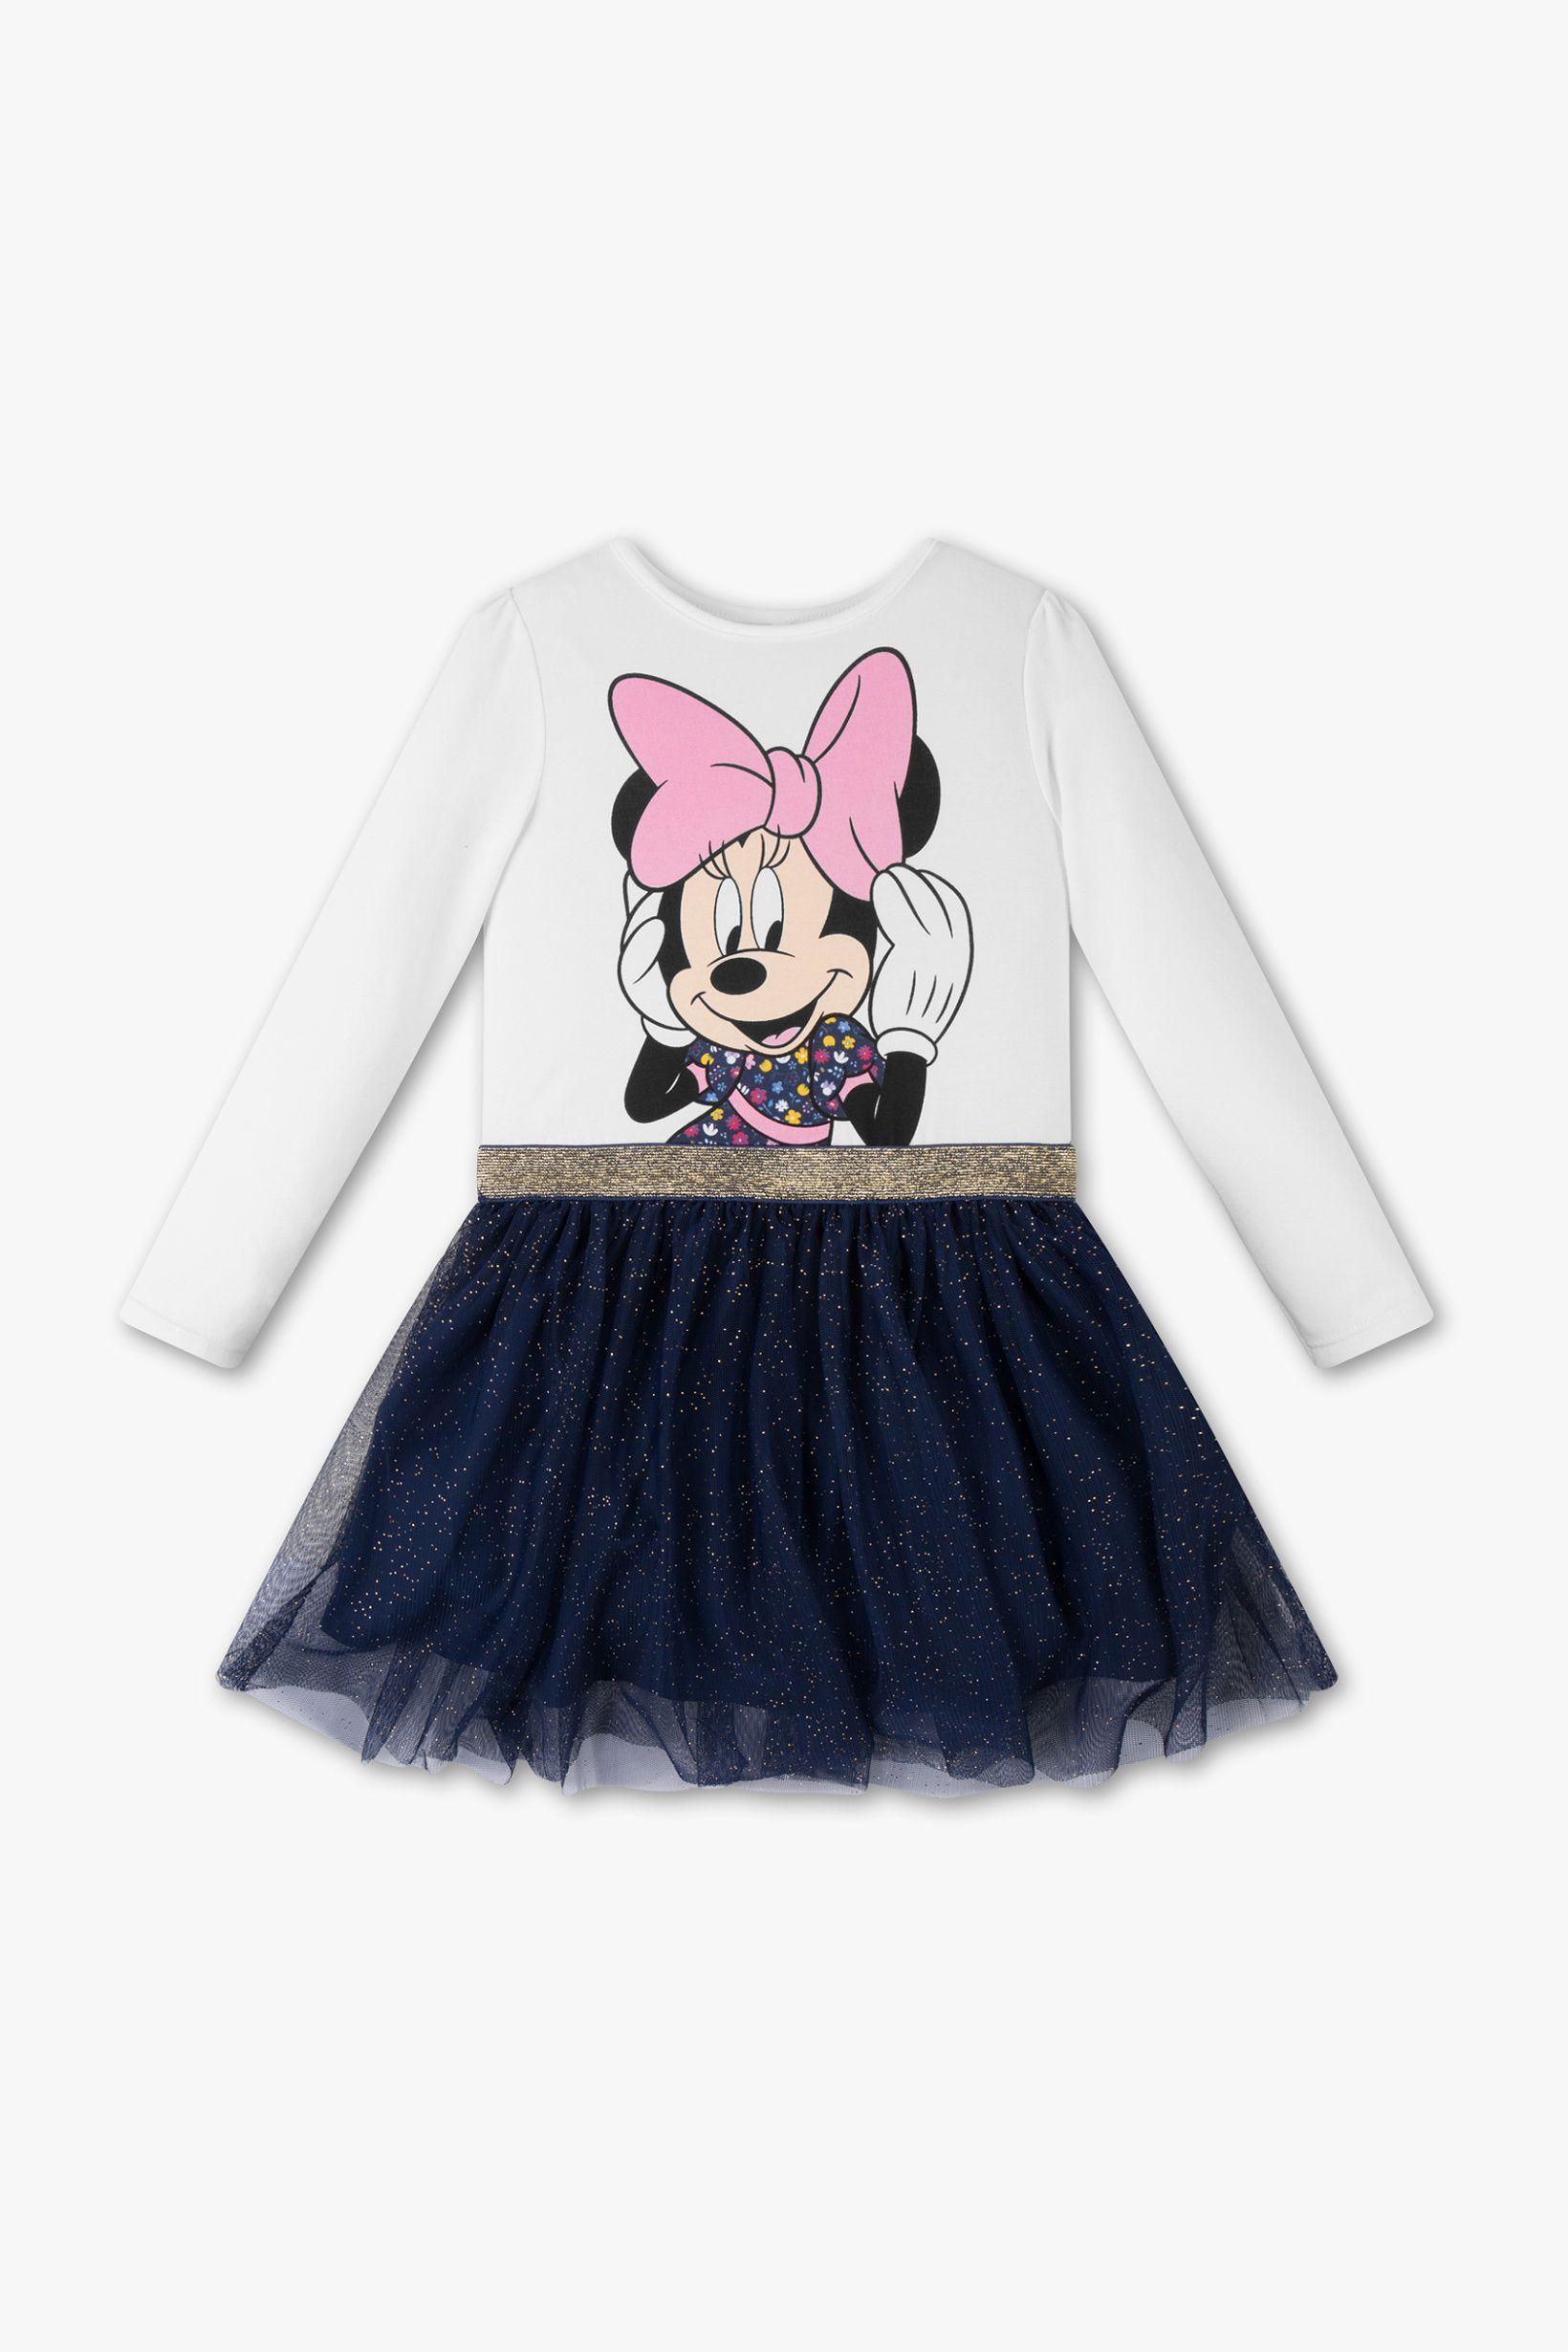 Minnie Maus Kleid Glanz Effekt Modestil Minnie Maus Kleider